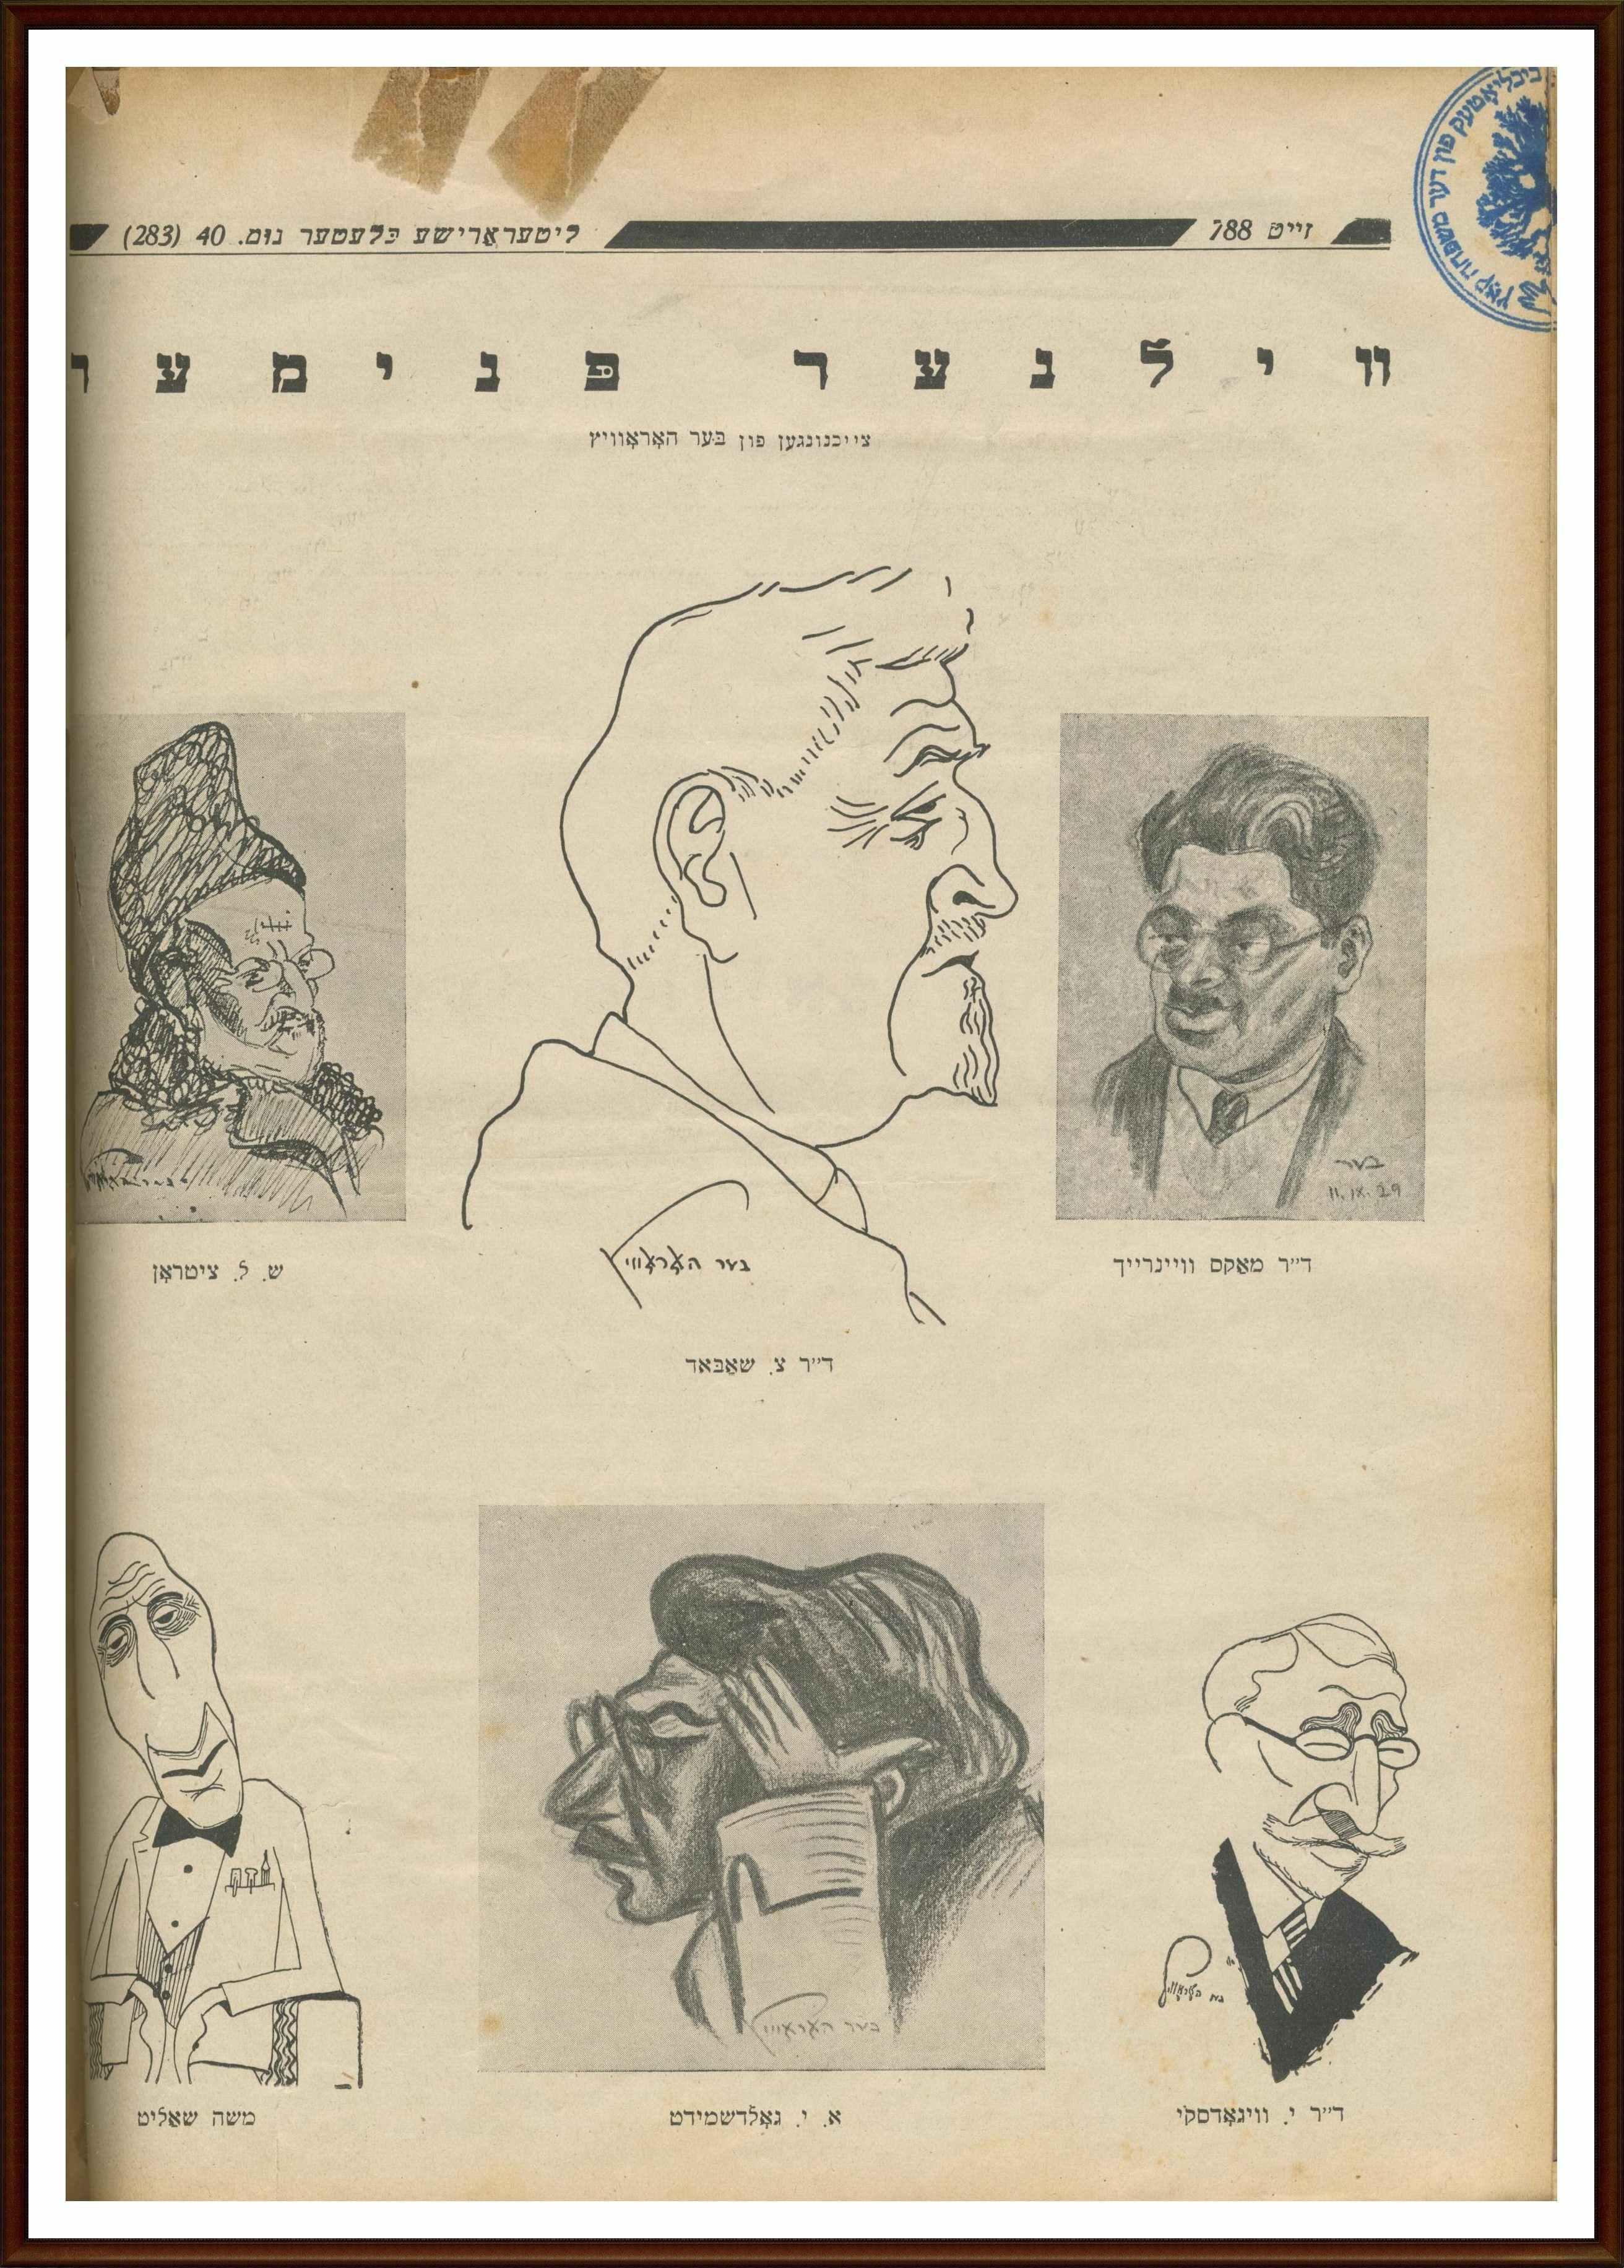 Vilner tipn LB 4 Oct 1929 for Muzey